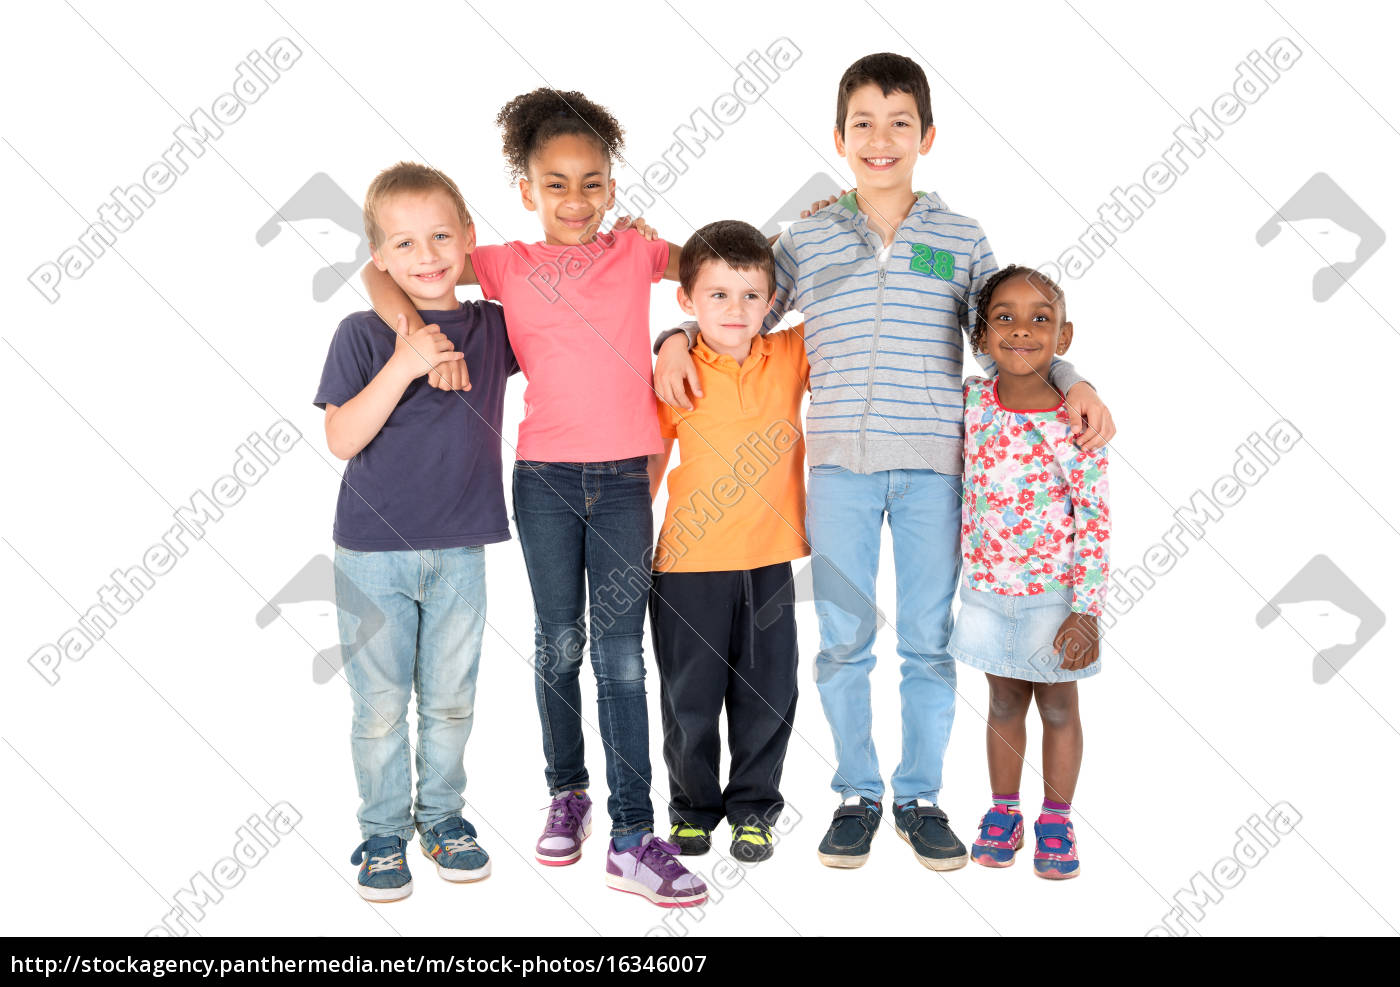 grupo, de, crianças - 16346007